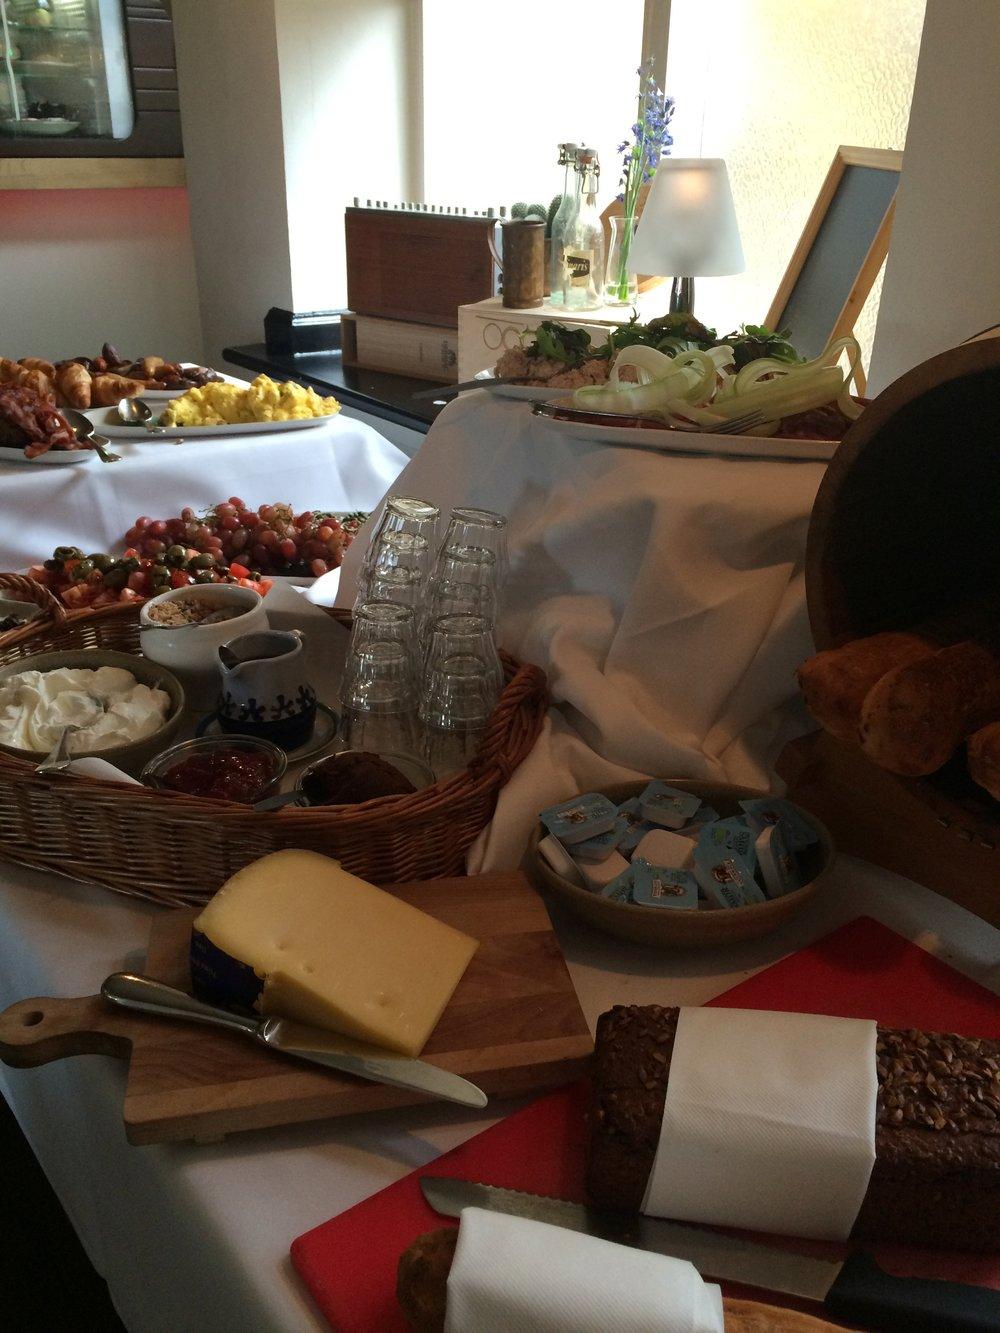 Alle søndage 10.00-13.00 serverer vi en lækker brunchbuffet med kaffe og juice til 169,- - Vi åbner for a la carte kl. 12.00 Det er selvfølgelig også muligt at få egen buffet i eget lokale (Fra 10 personer - 199,- pr. person)